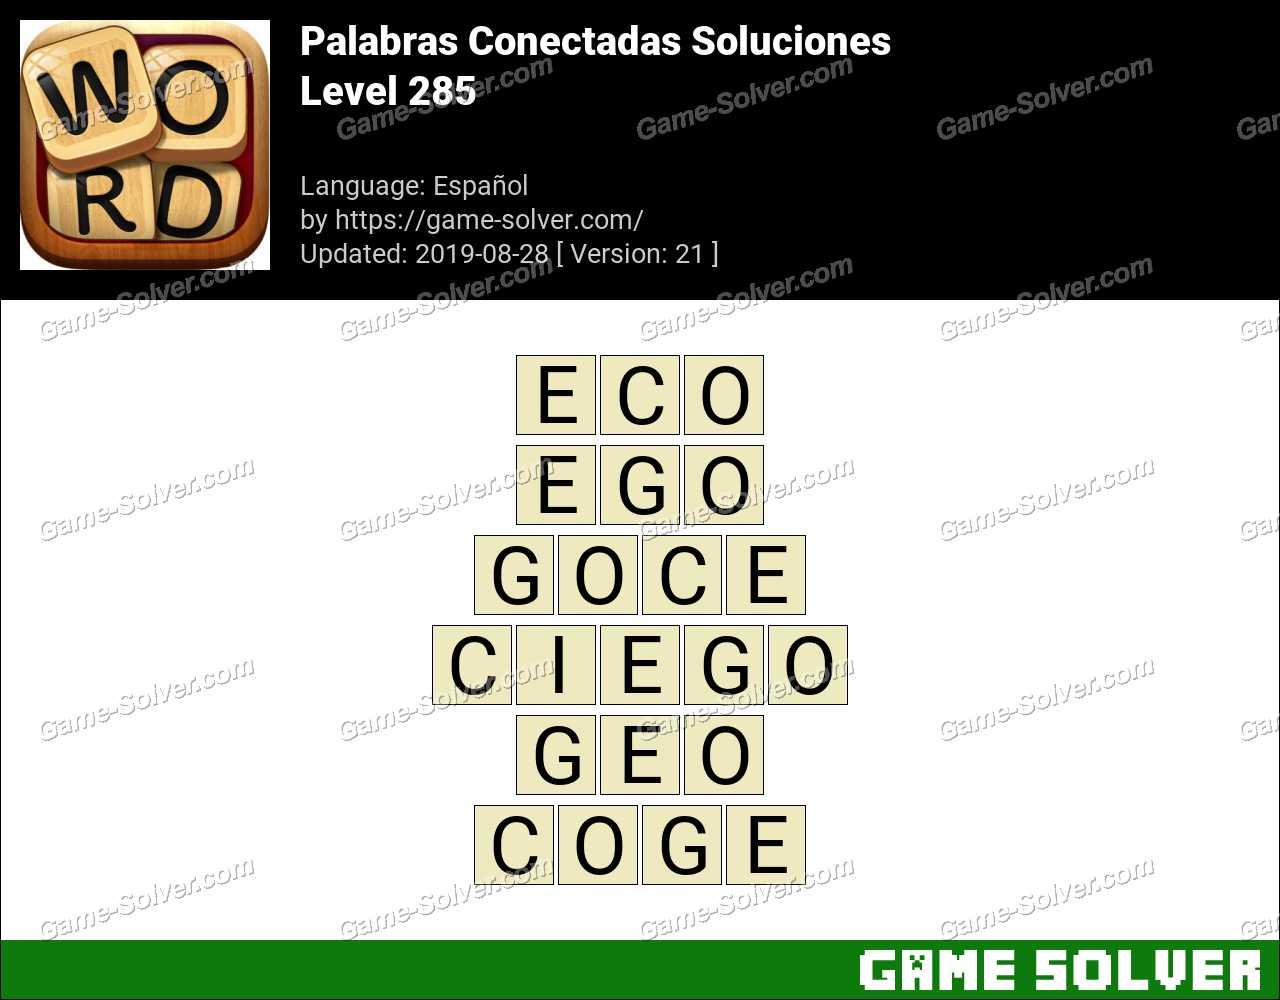 Palabras Conectadas Nivel 285 Soluciones